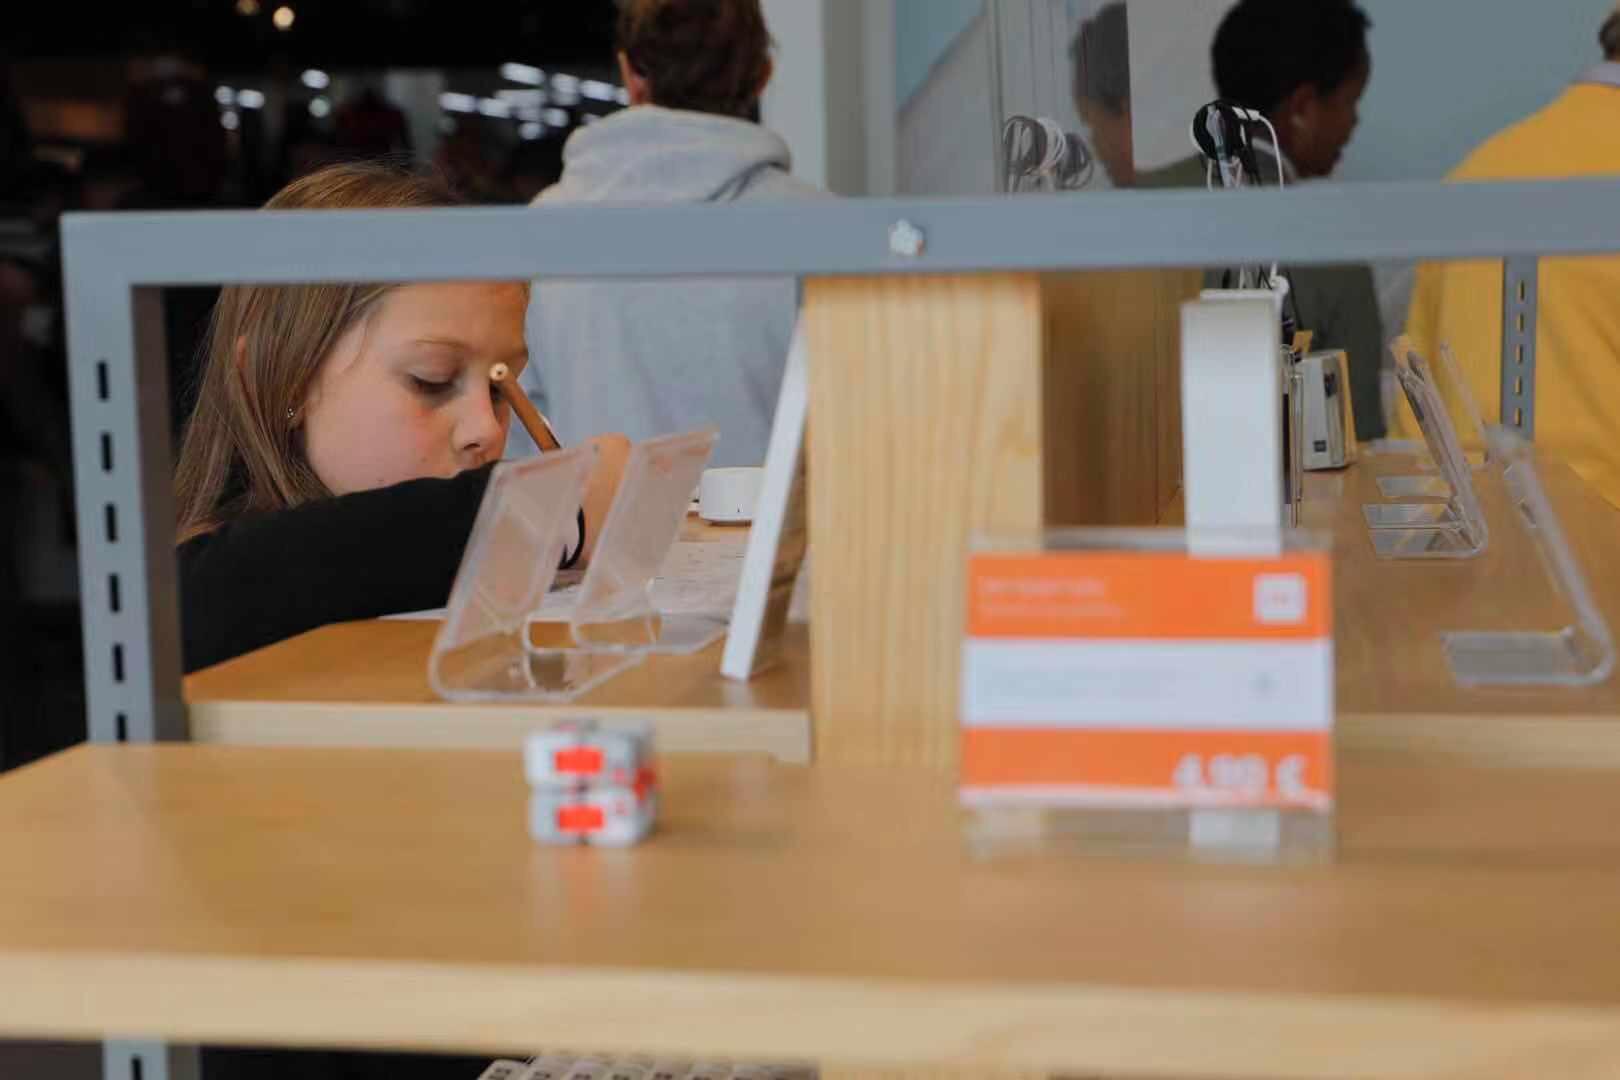 佛罗伦萨首家小米授权店今起营业,米粉们速来围观